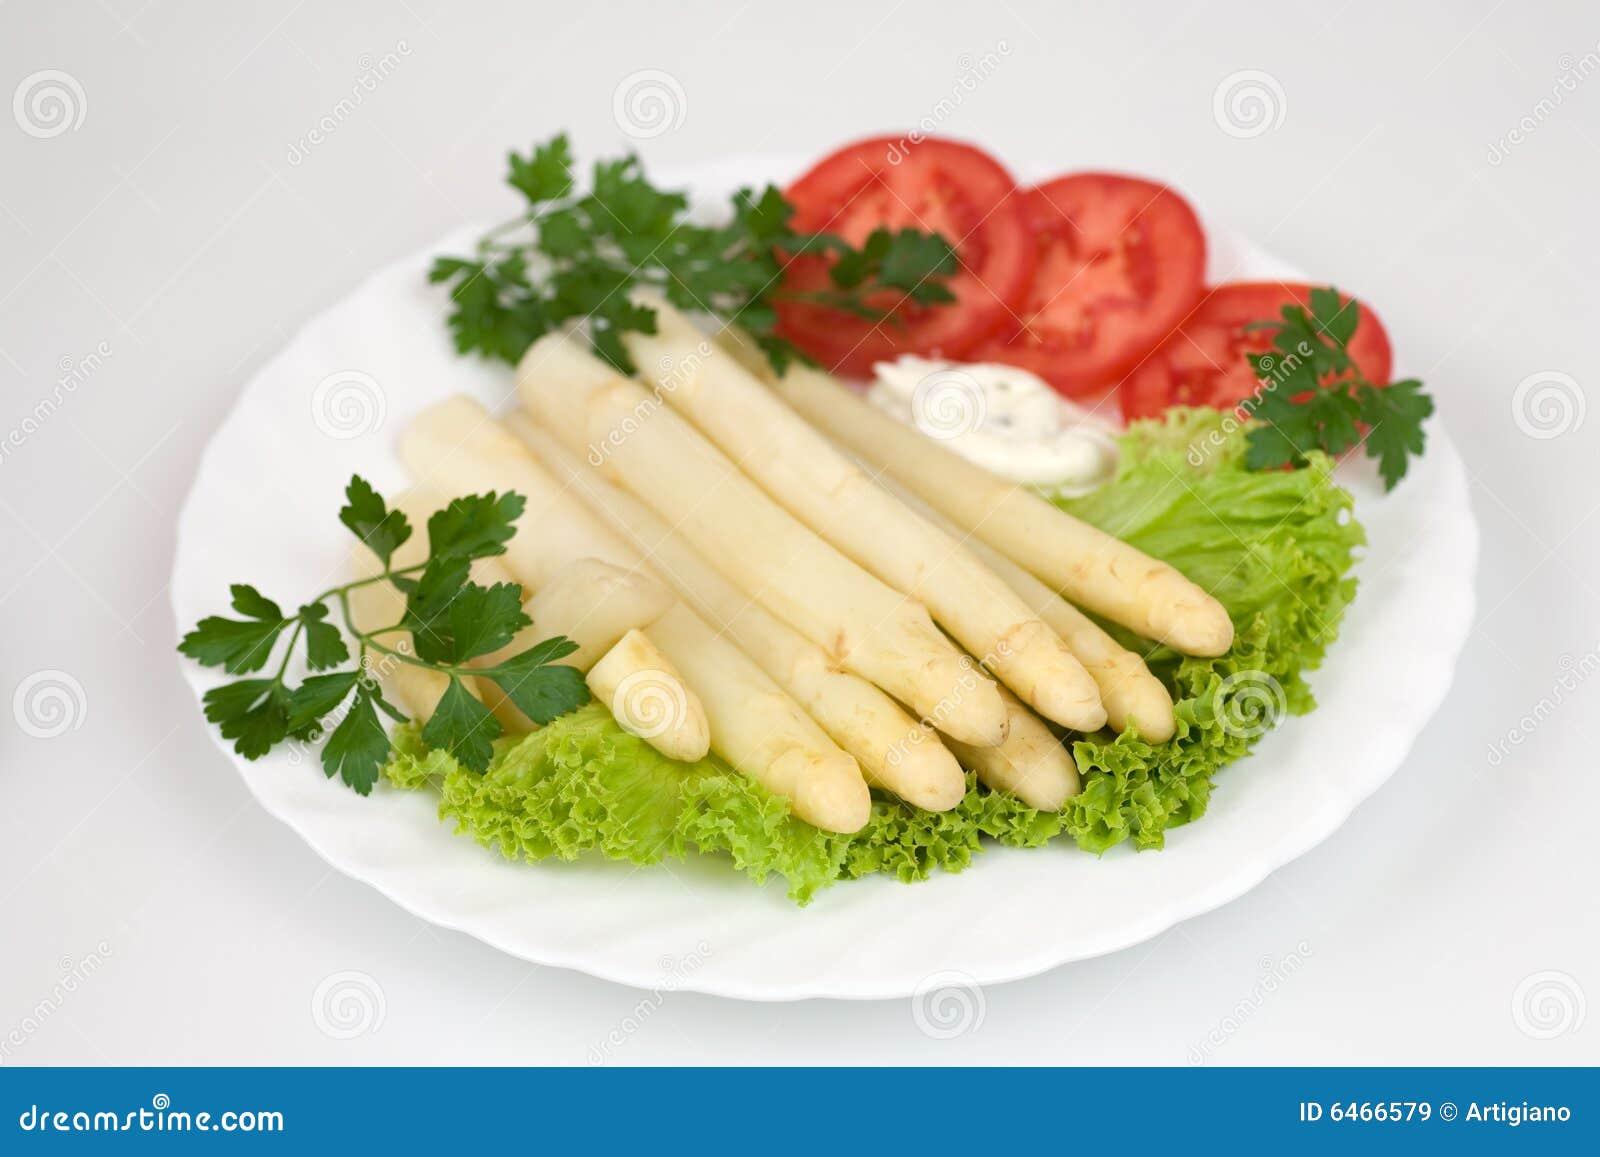 Asparagus white